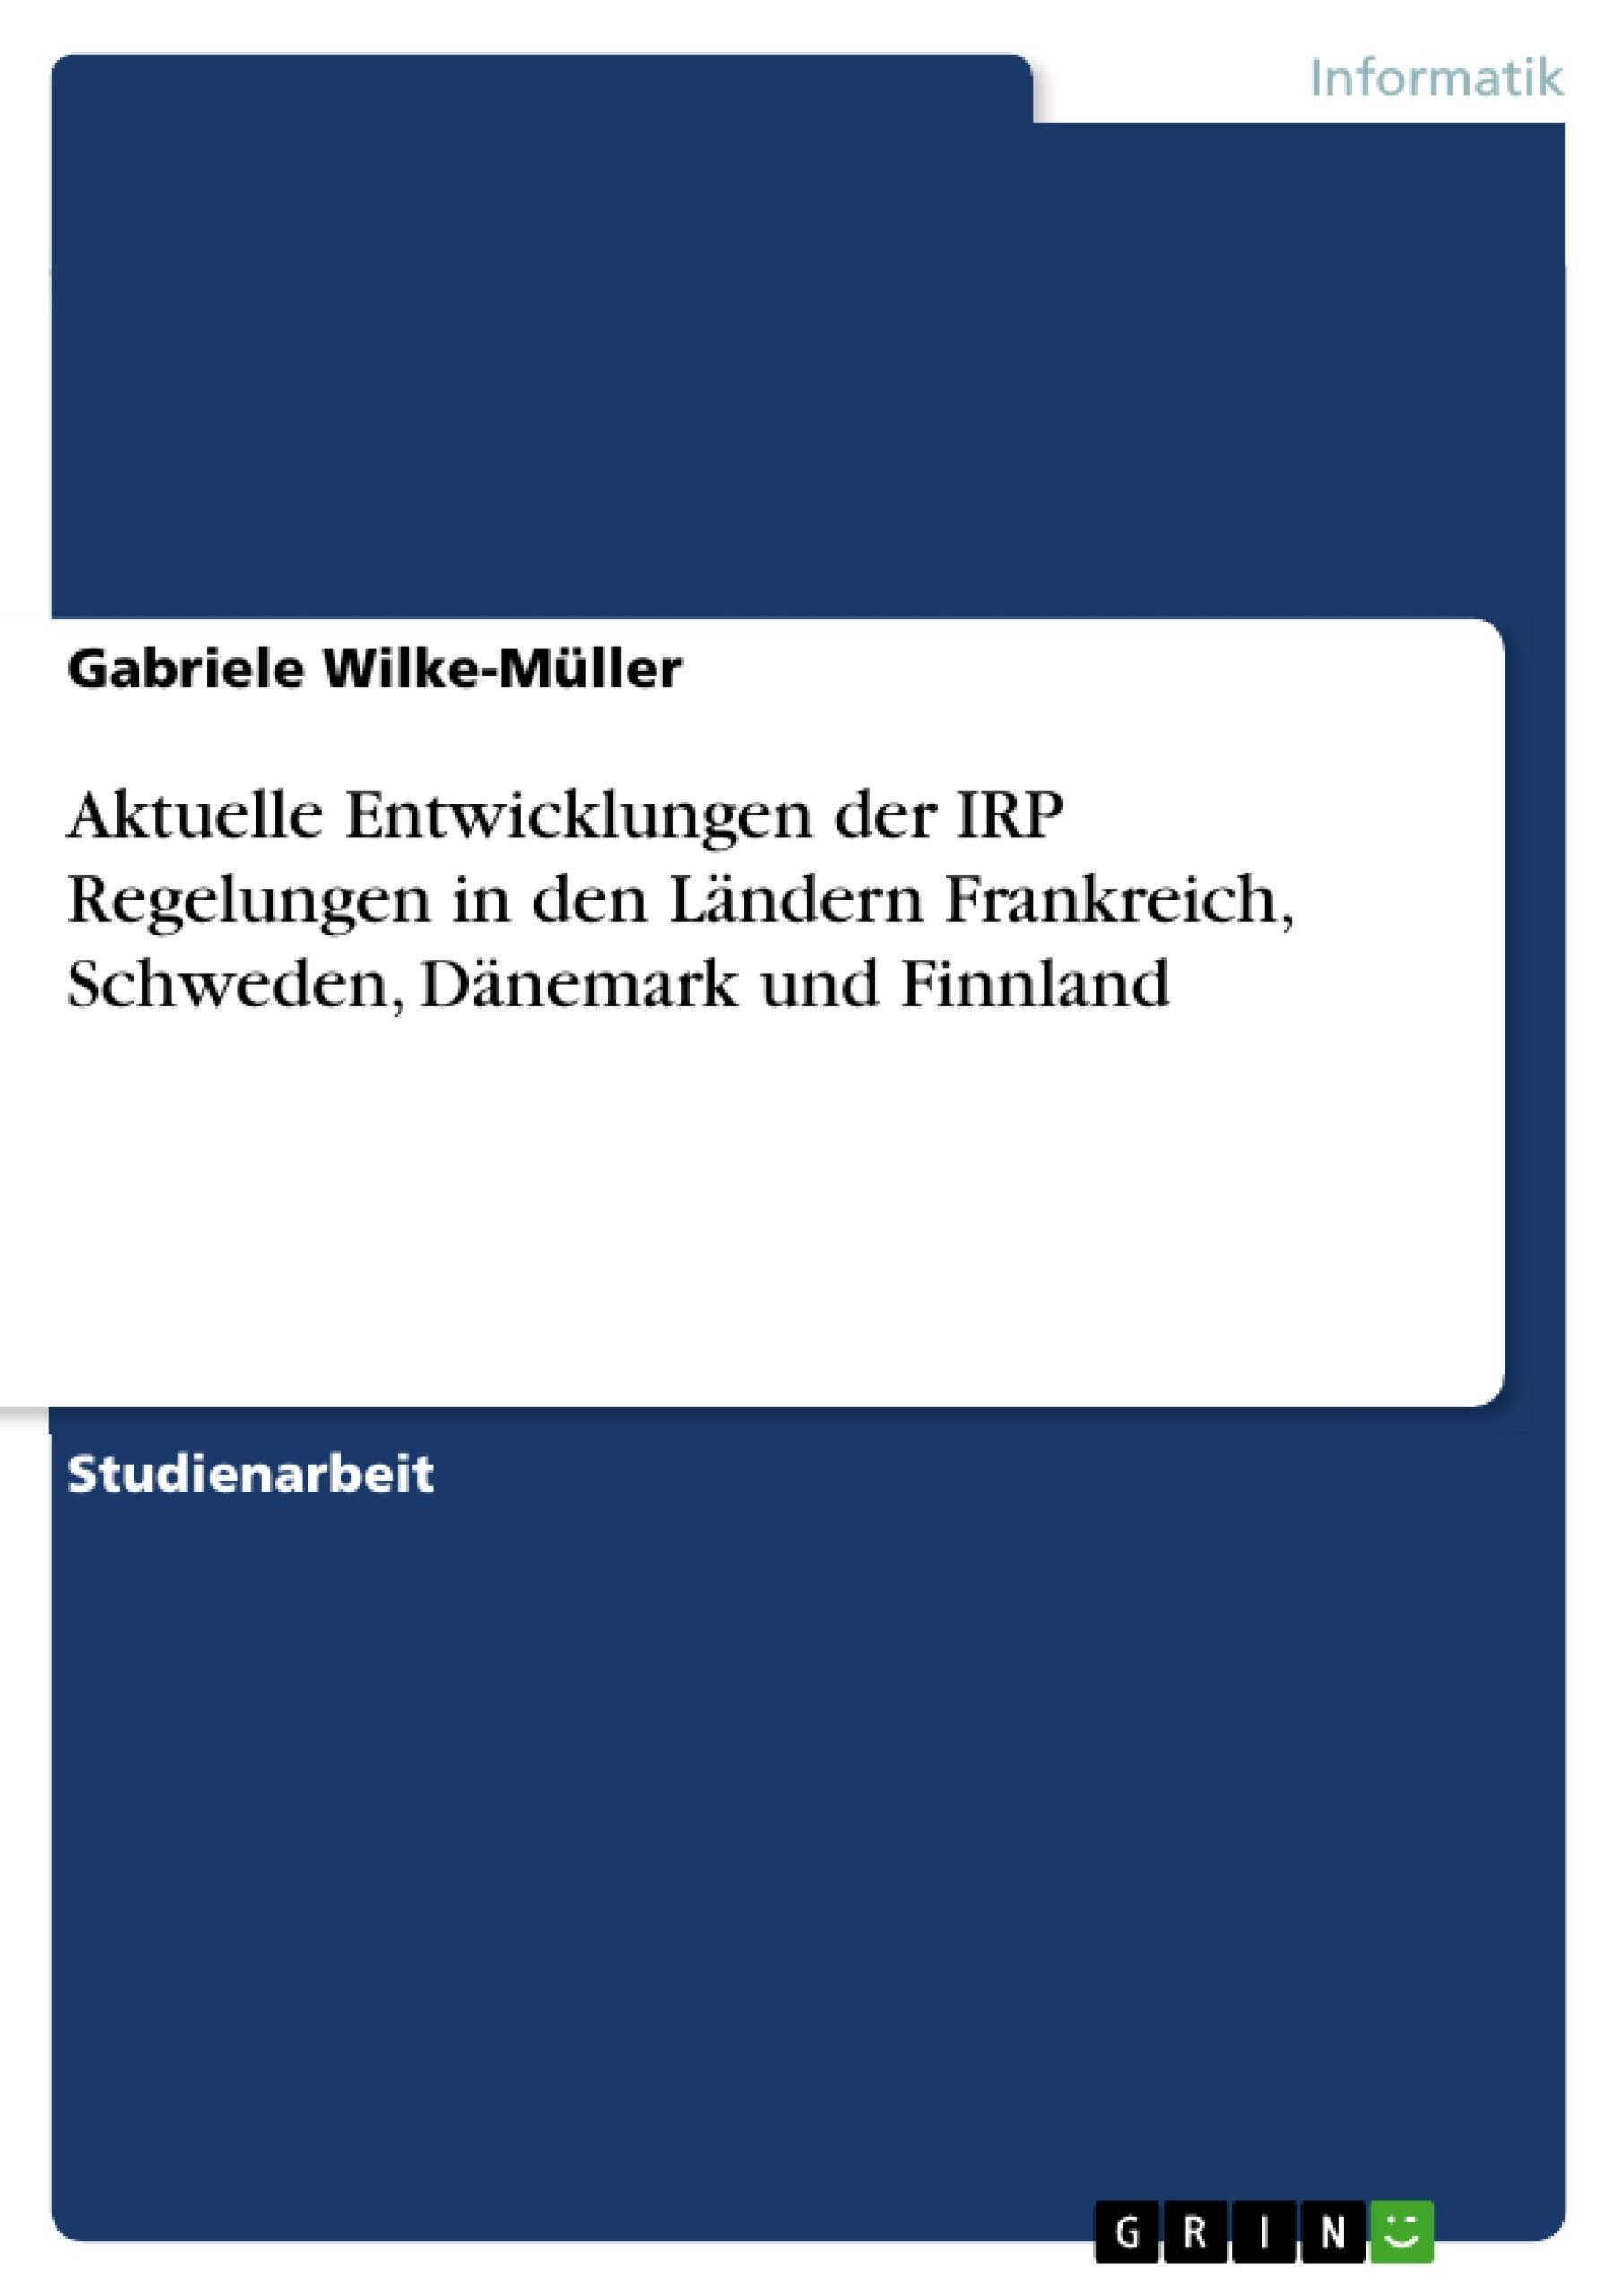 Titel: Aktuelle Entwicklungen der IRP Regelungen in den Ländern Frankreich, Schweden, Dänemark und Finnland